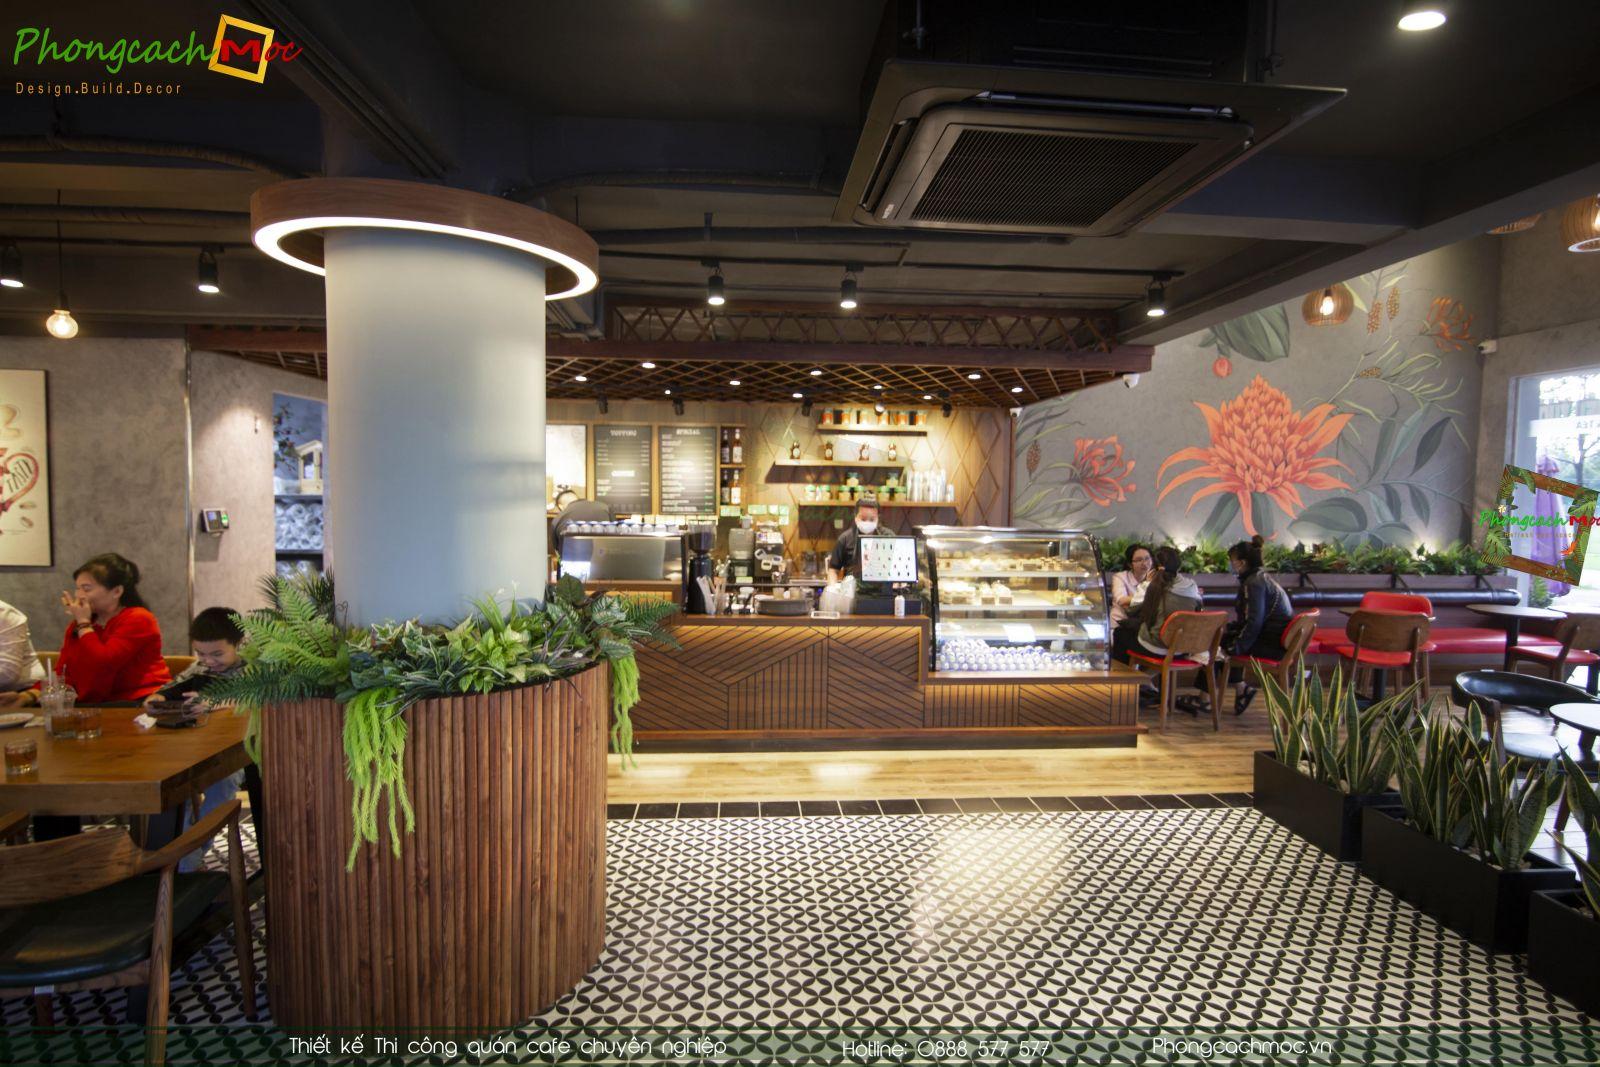 thiet-ke-thi-cong-quan-cafe-mong-coffee-binh-duong4